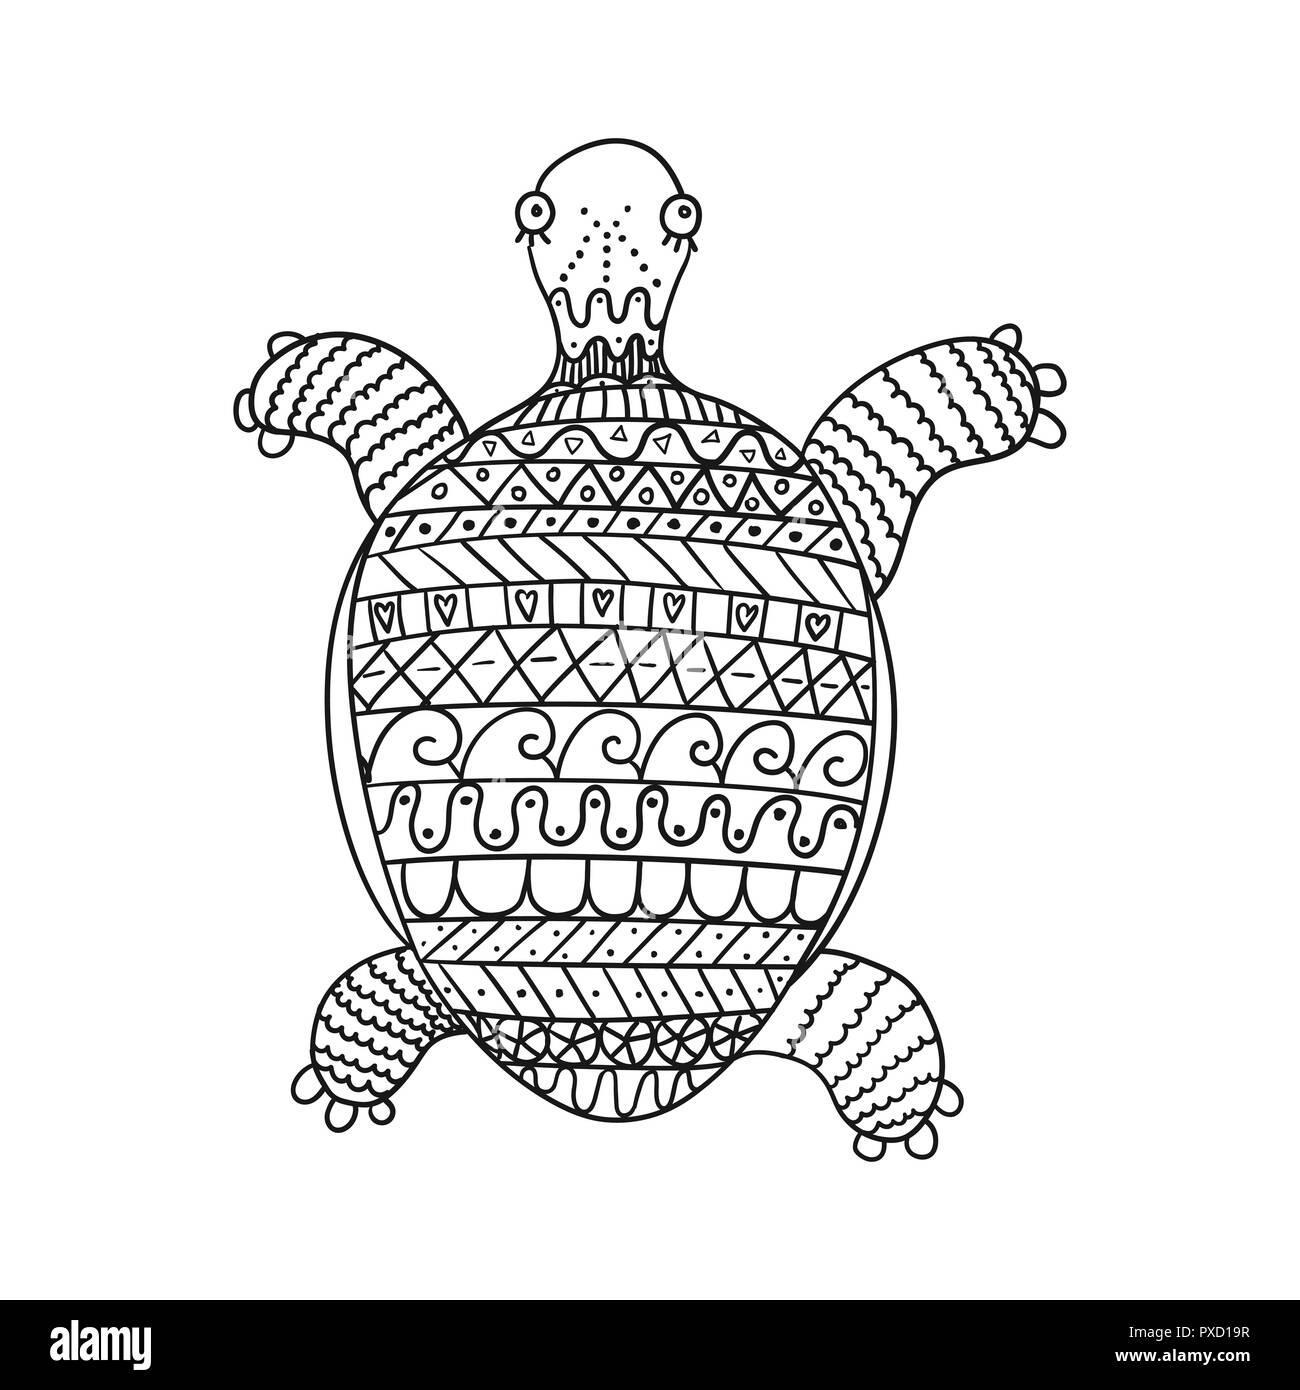 Tortuga Estilizada Aislado Sobre Fondo Blanco Freehand Tortugas